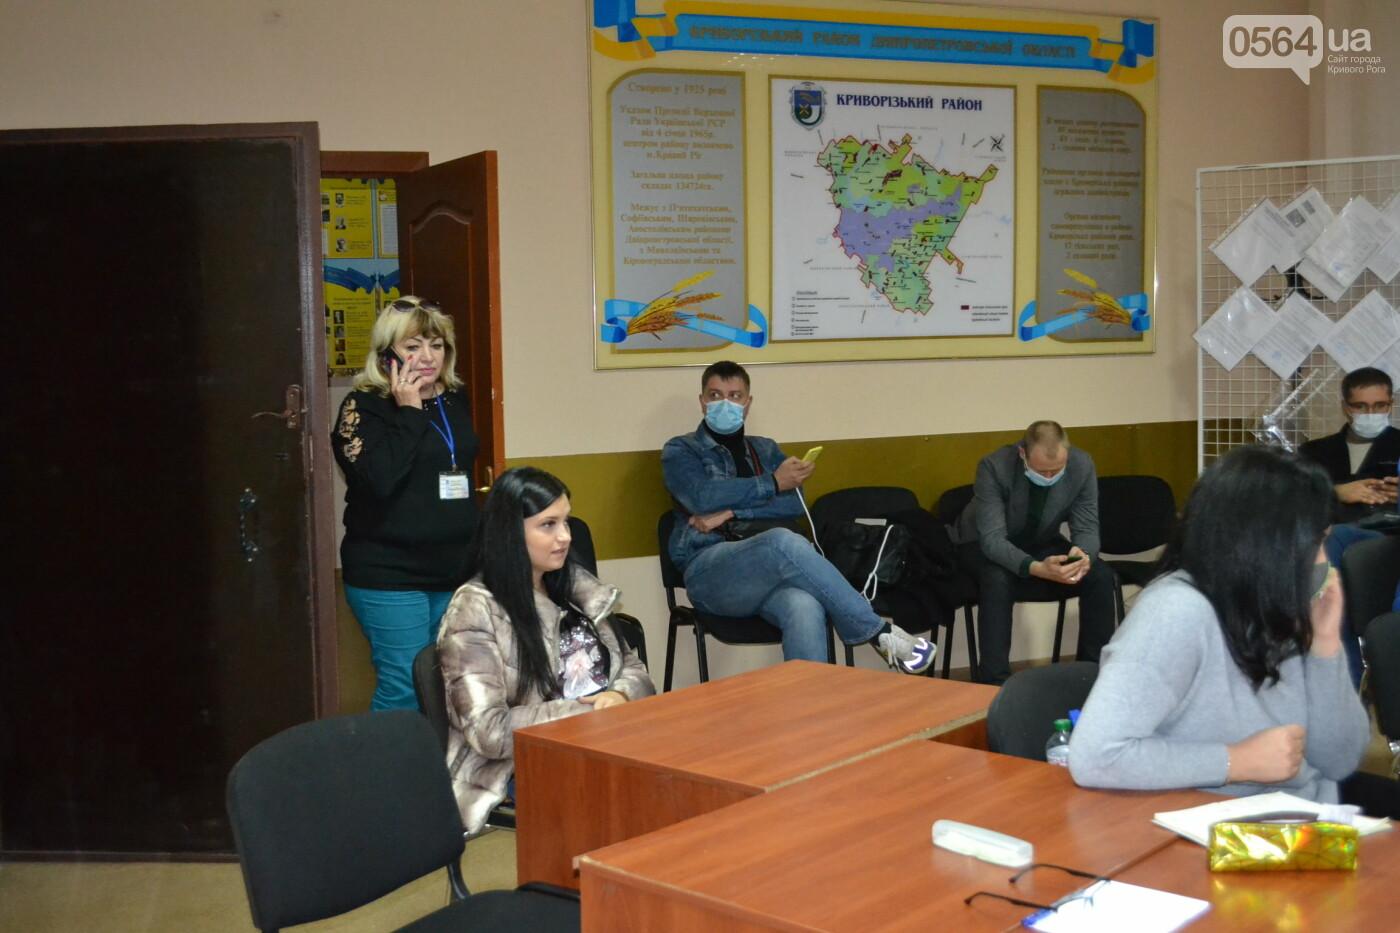 Криворожская РИК продолжает принимать протоколы об итогах голосования на выборах в райсовет, - ФОТО, фото-3